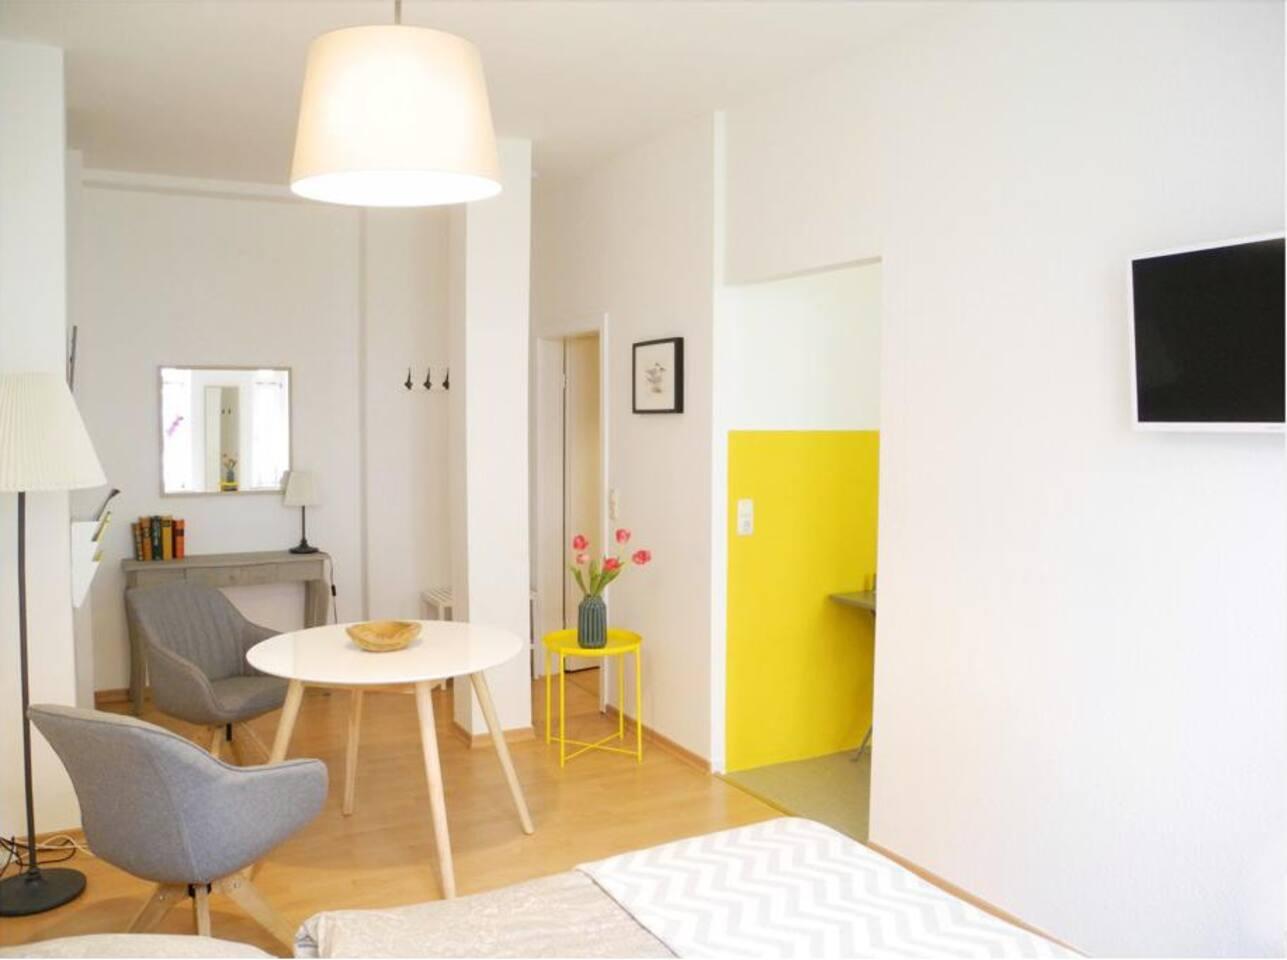 Geräumige 1-Zimmer-Wohnung in zentraler Gegend und ruhiger Lage